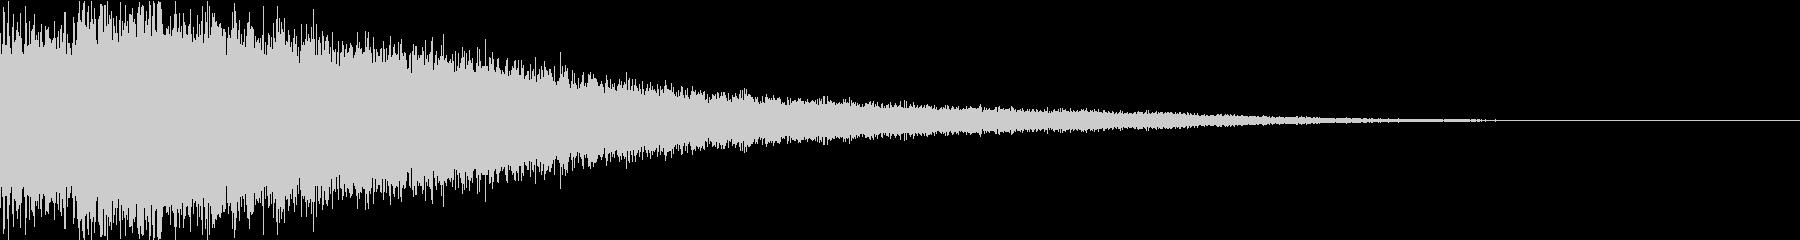 バーン:シンバルを叩く音・衝撃・迫力cの未再生の波形